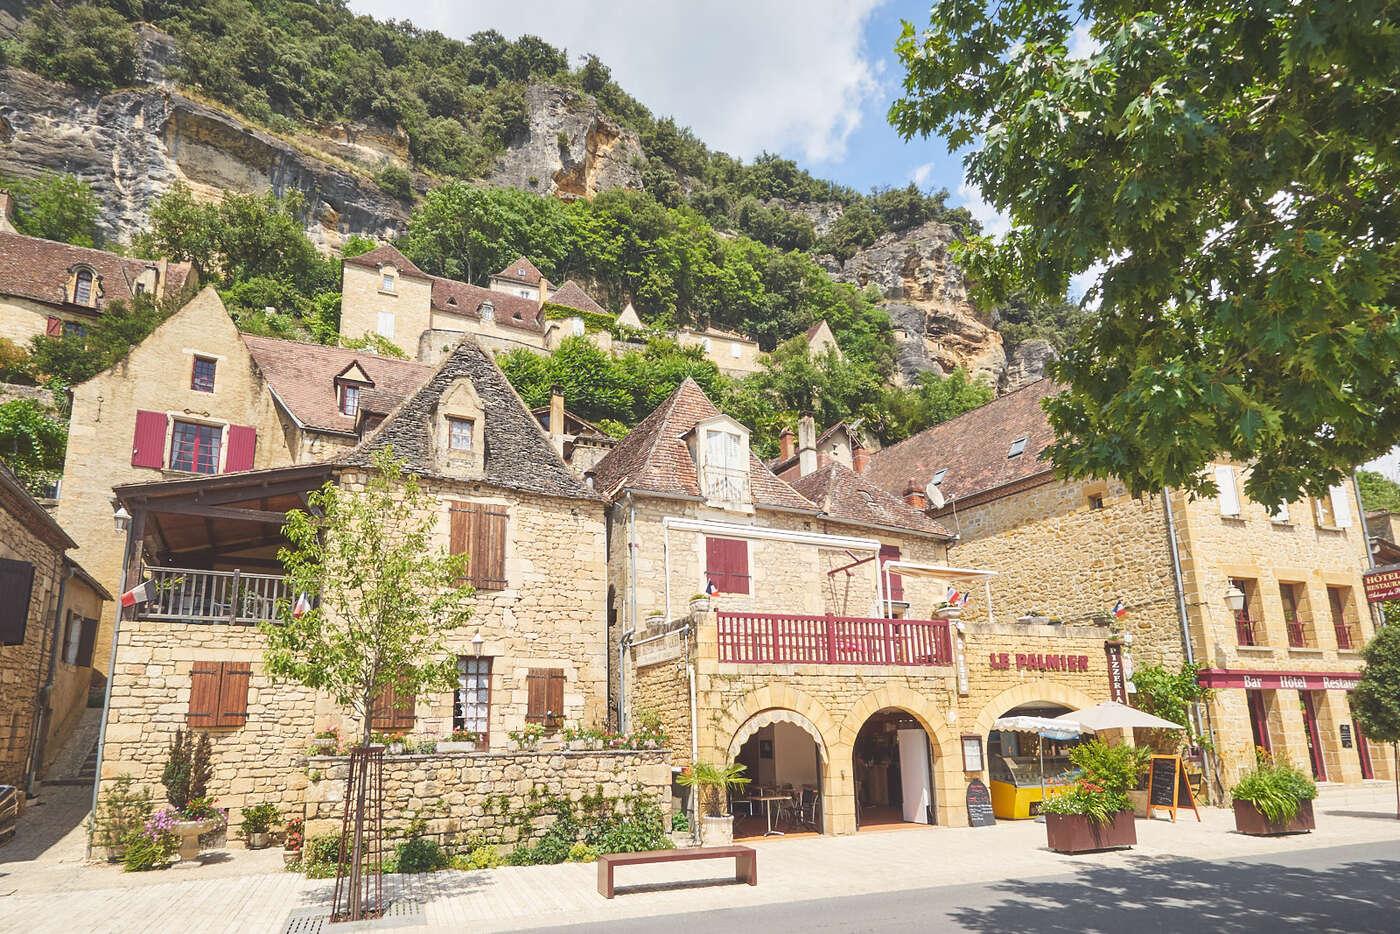 Maisons de Roque-Gageac